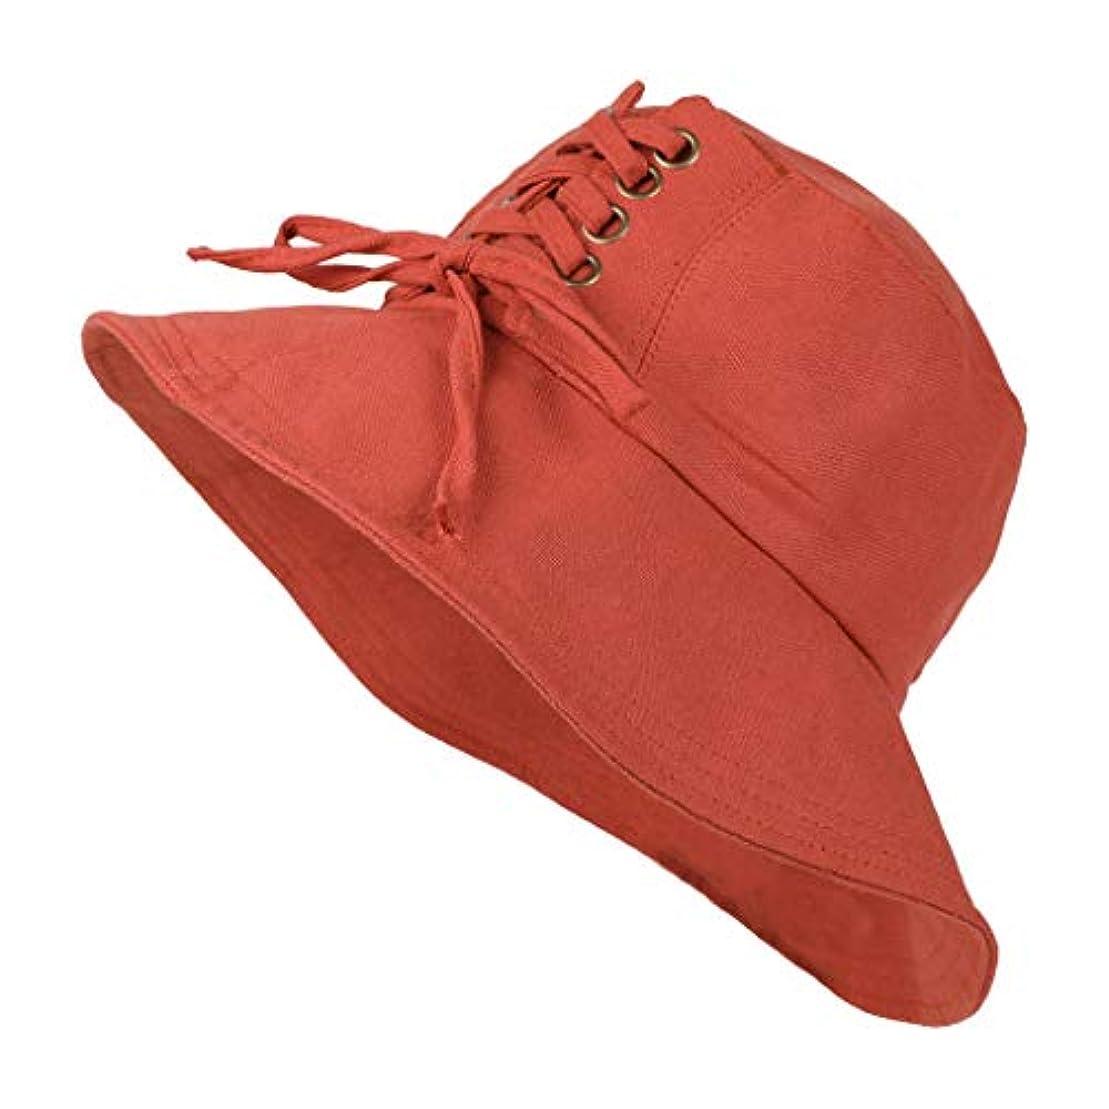 分岐する不器用ポイントUVカット 帽子 レディース 日よけ 帽子 レディース ハット つば広 ハット日よけ 折りたたみ 夏季 女優帽 小顔効果抜群 日よけ 小顔 UV対策 おしゃれ 可愛い ハット ニット帽 キャップ レディース ROSE ROMAN